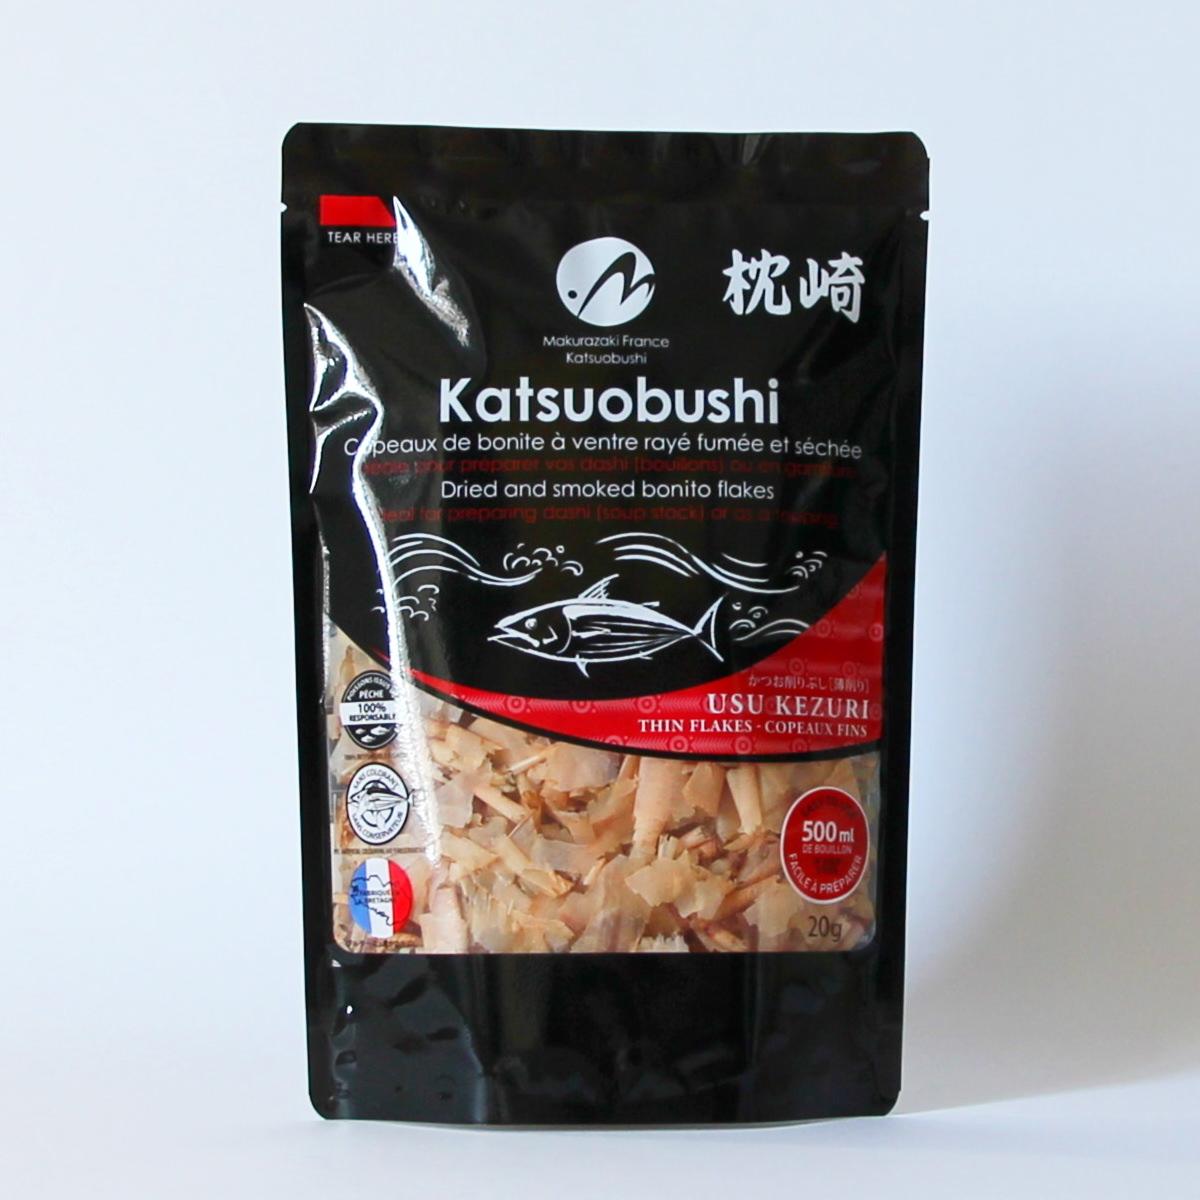 Katsuobushi 20g (Bonitoflocken), MAKURAZAKI